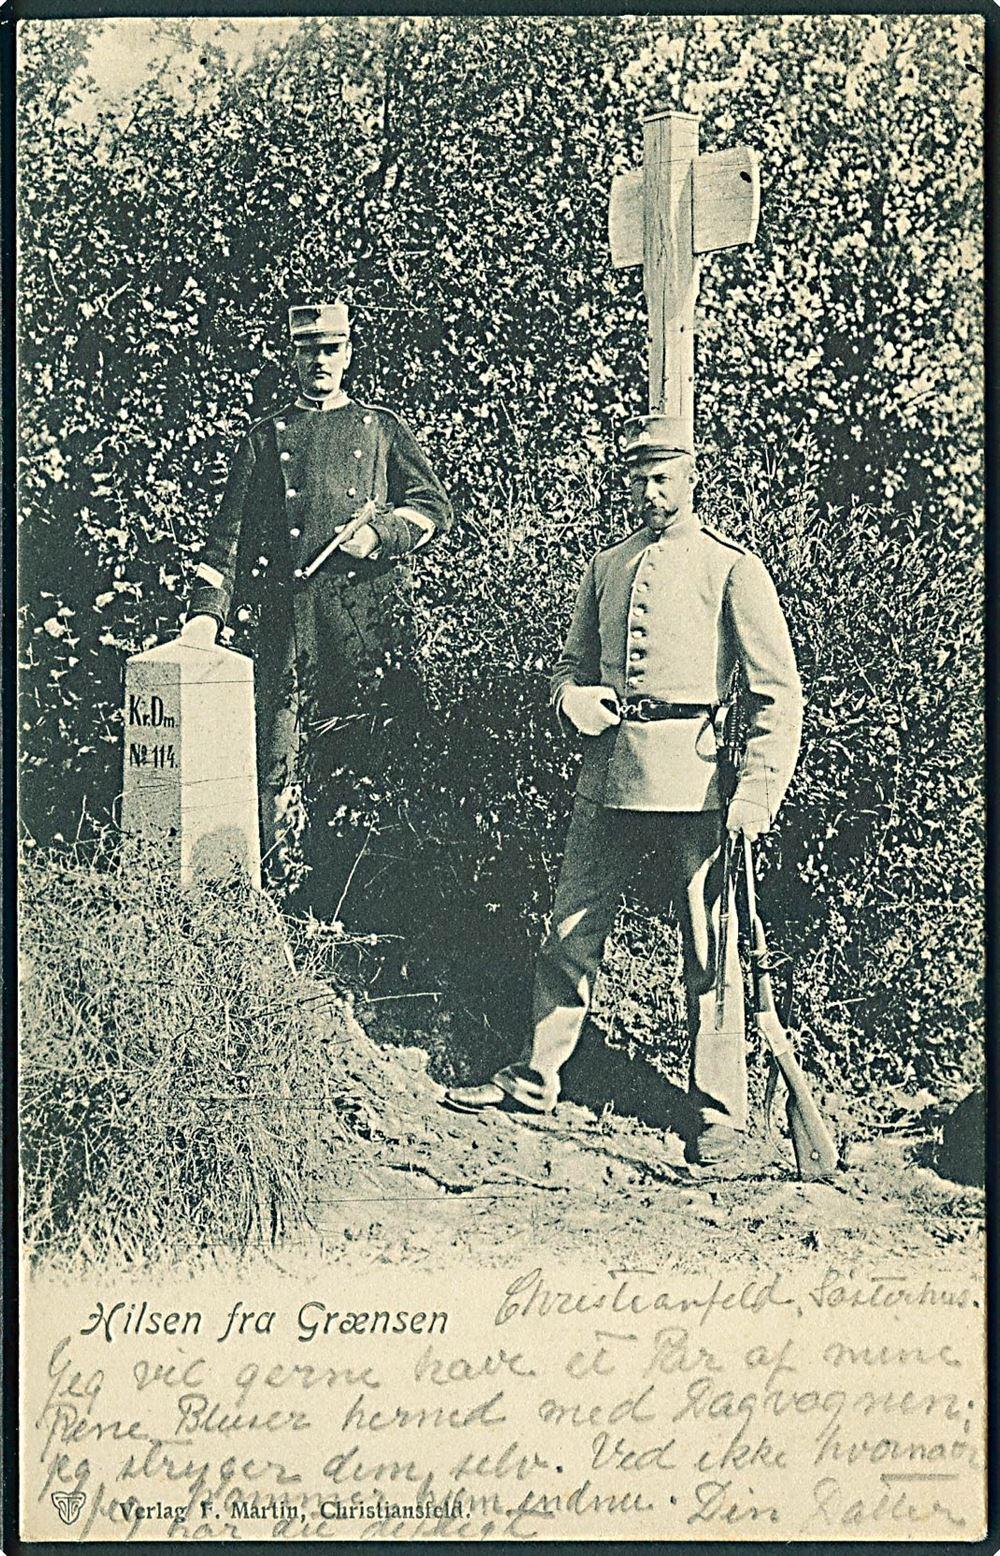 Grænsegendarmer (A P Andersen og Niels Lauritsen Nielsen) ved den